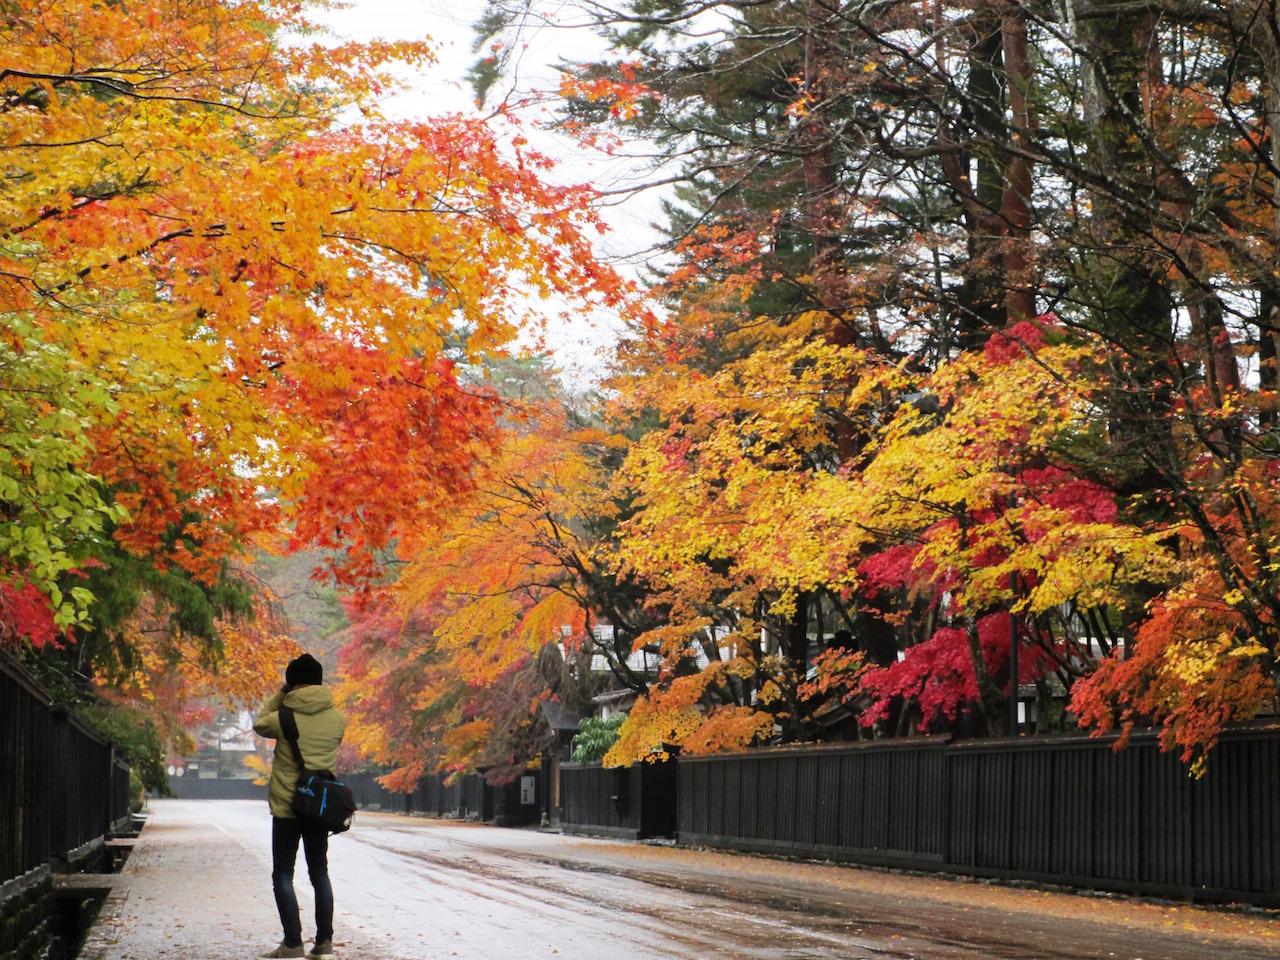 【全国紅葉の絶景】秋田美人のように美しい、秋田県の紅葉人気スポット